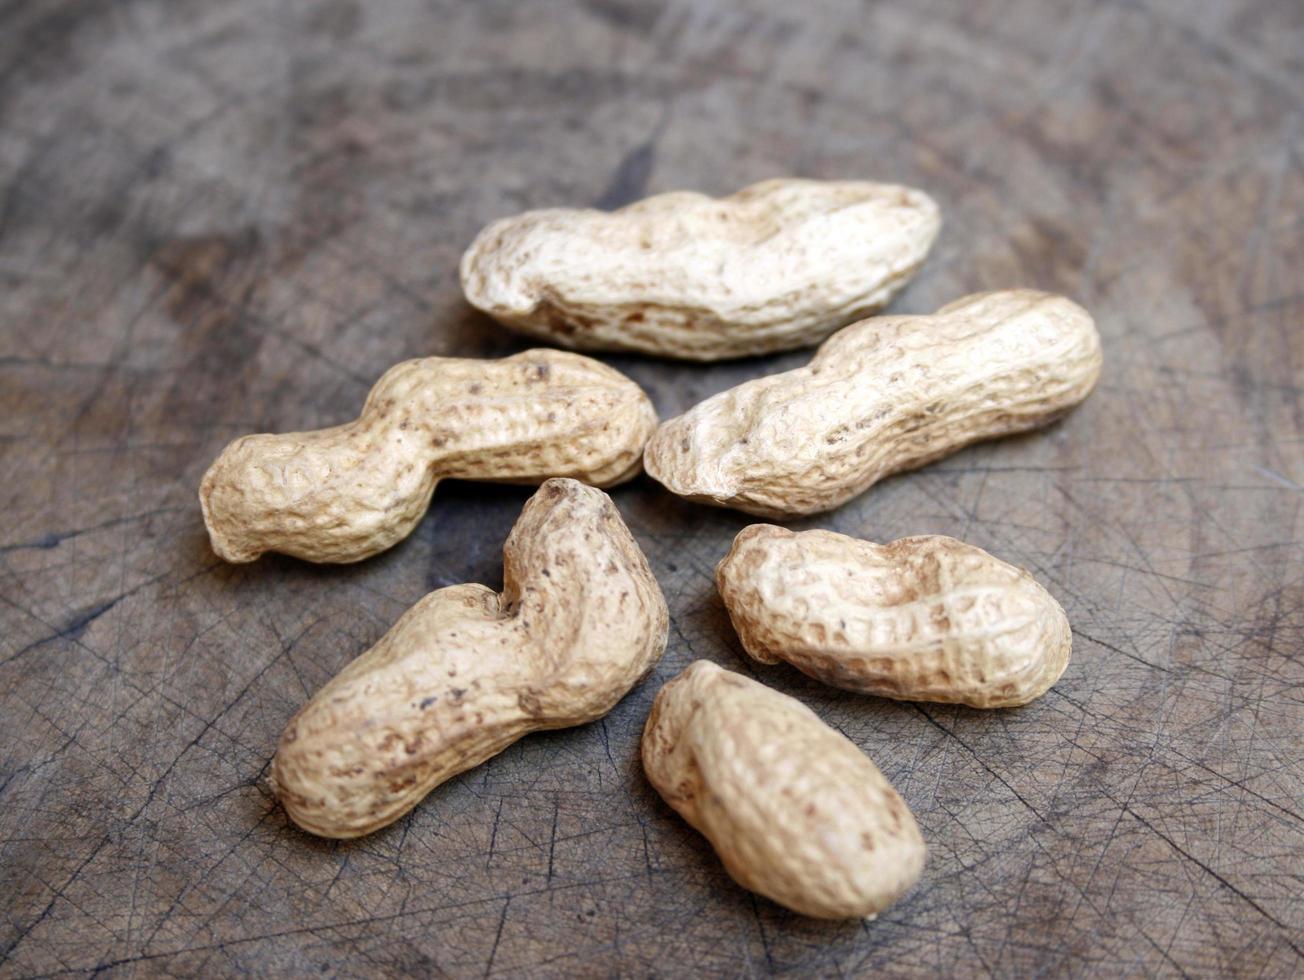 coquilles d'arachide naturelles photo